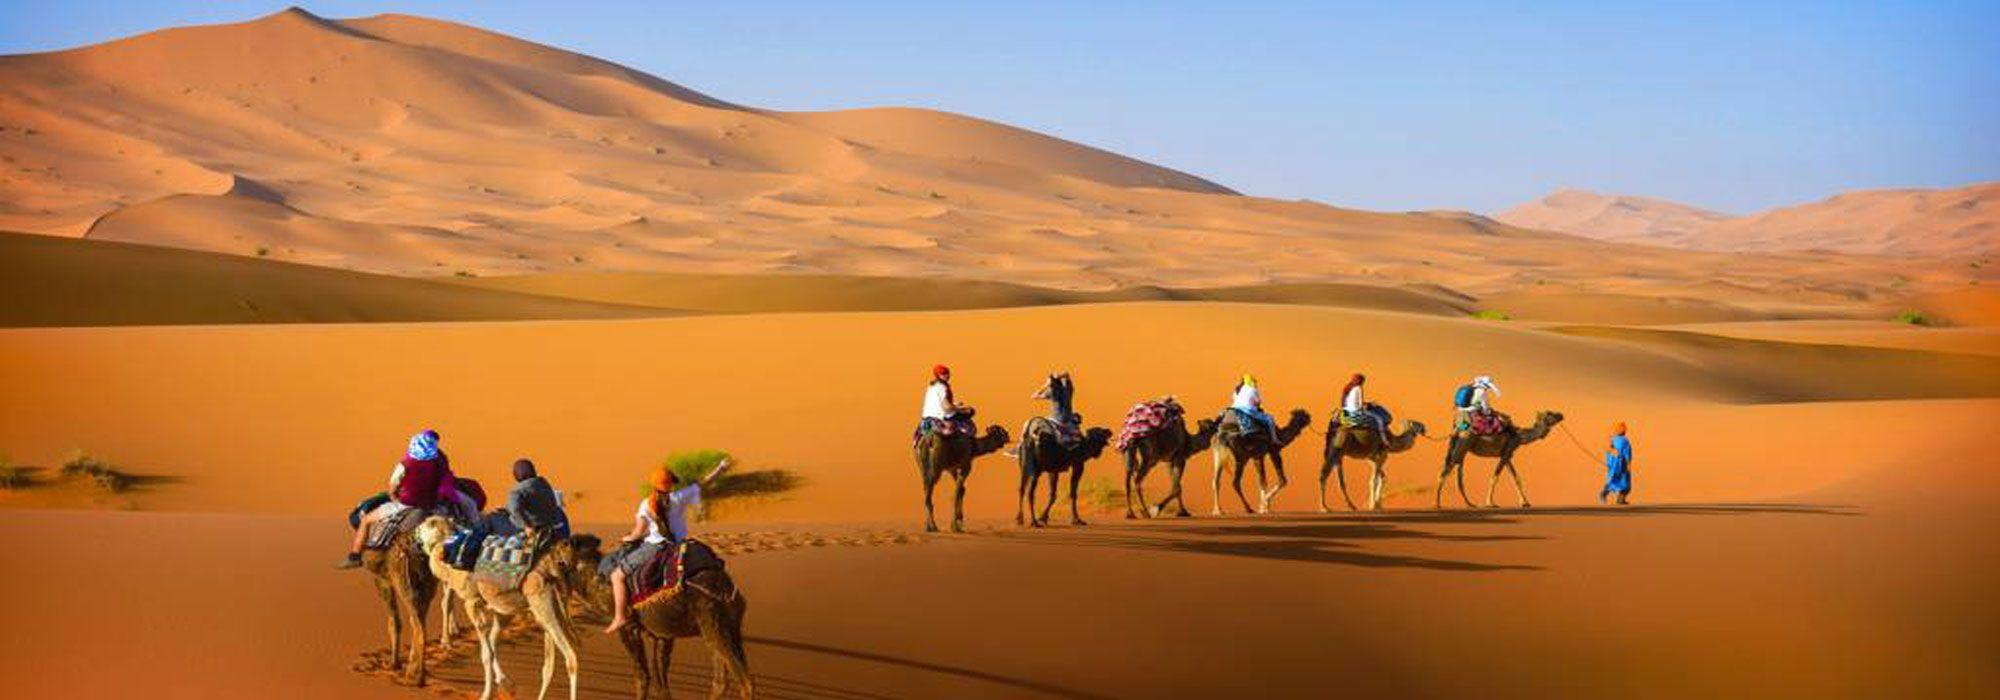 9 de las ciudades más románticas del mundo Marrakech